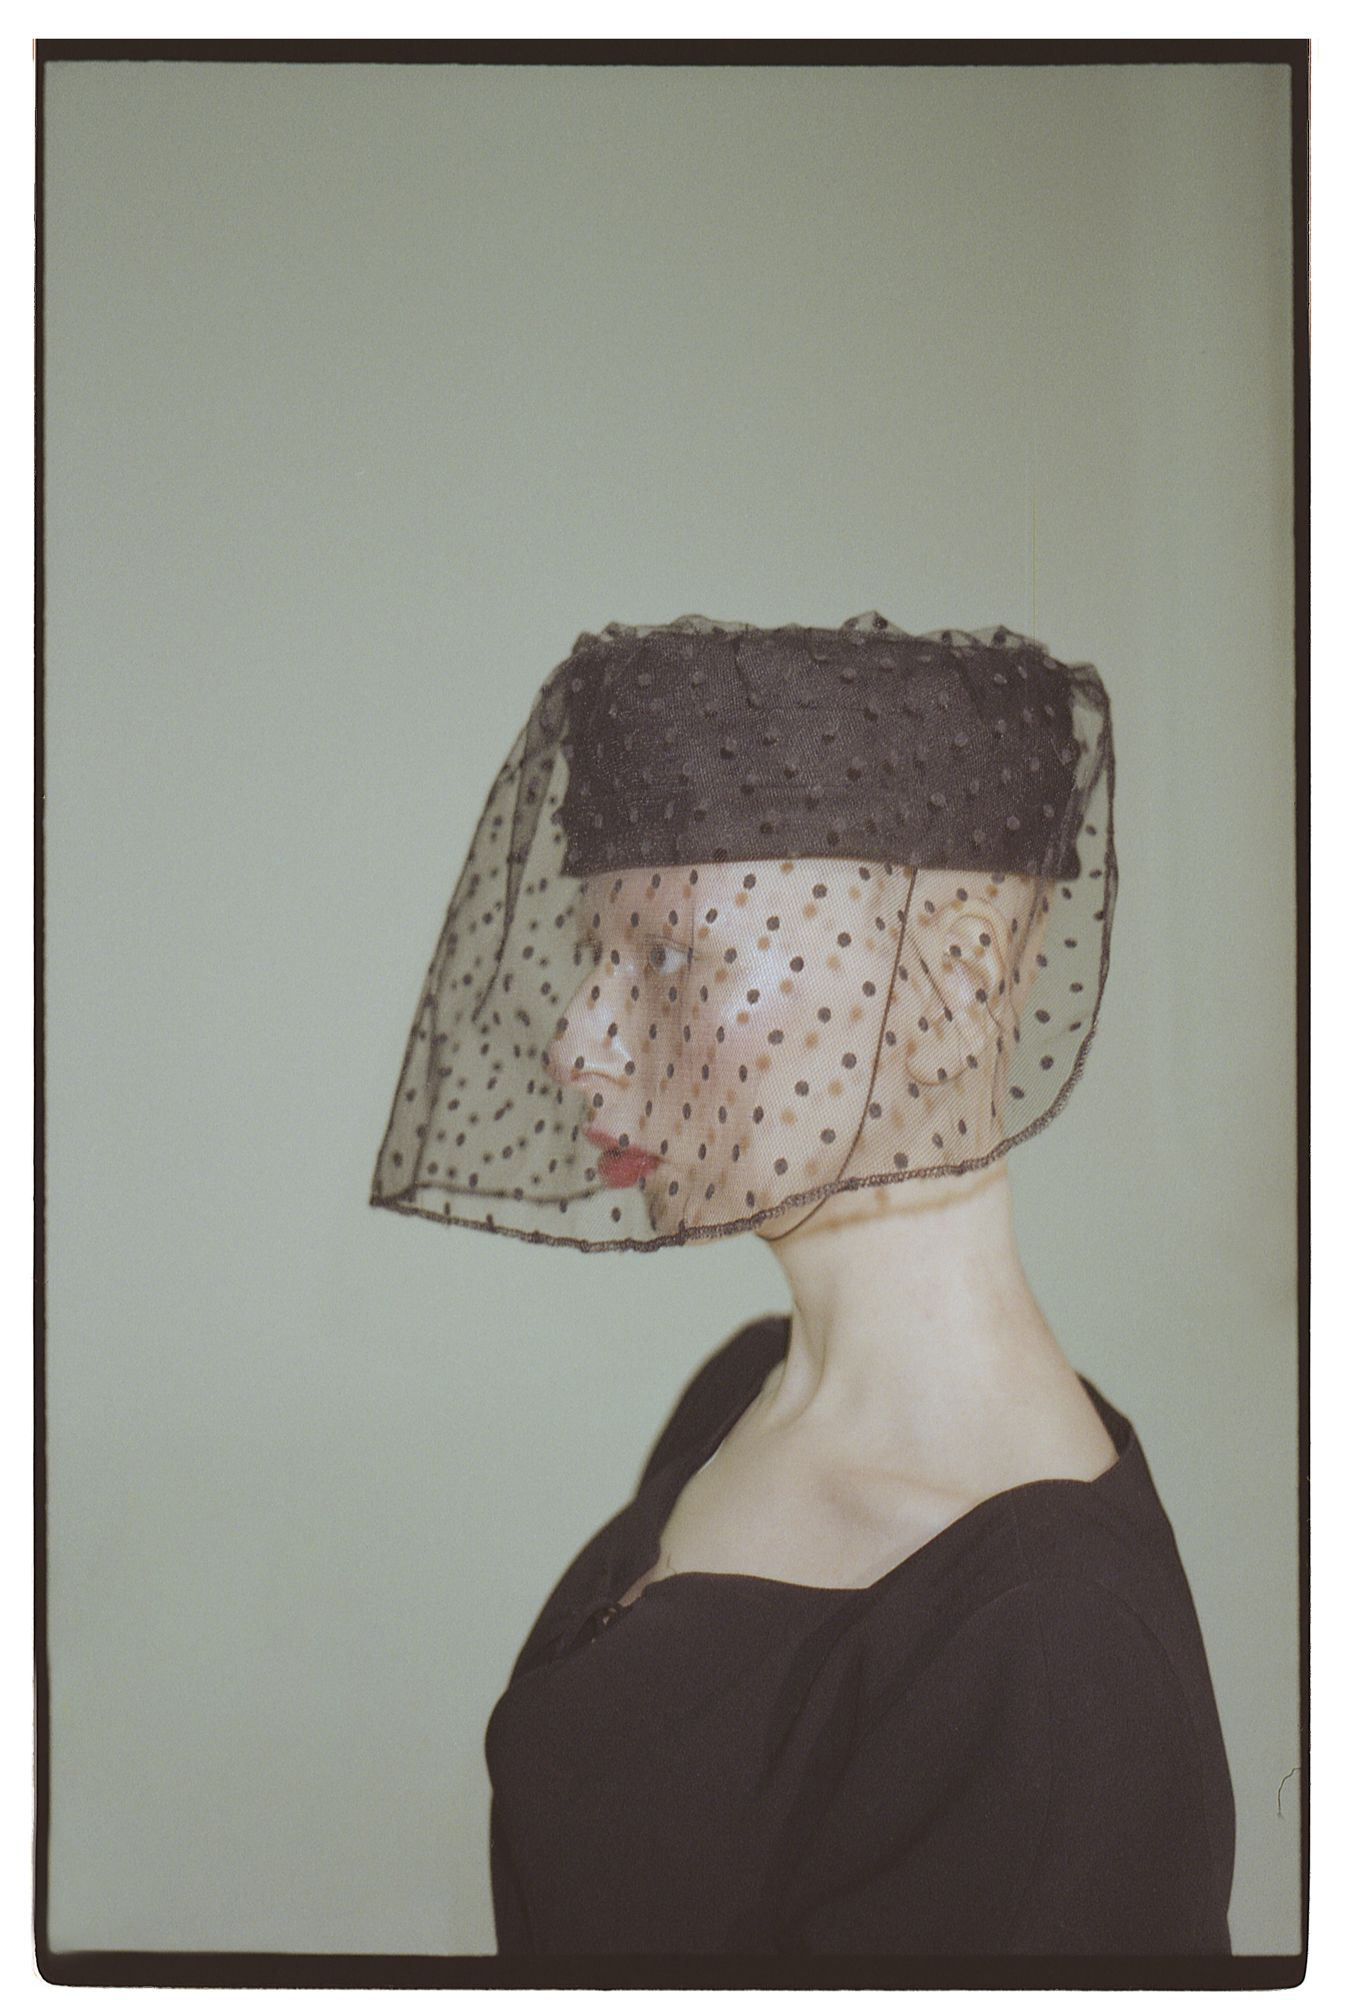 na zdjeciu widzimy lysa kobiete profilem ubrana na czarno w czarnym toczku z woalka zdjecie jest na szarym tle